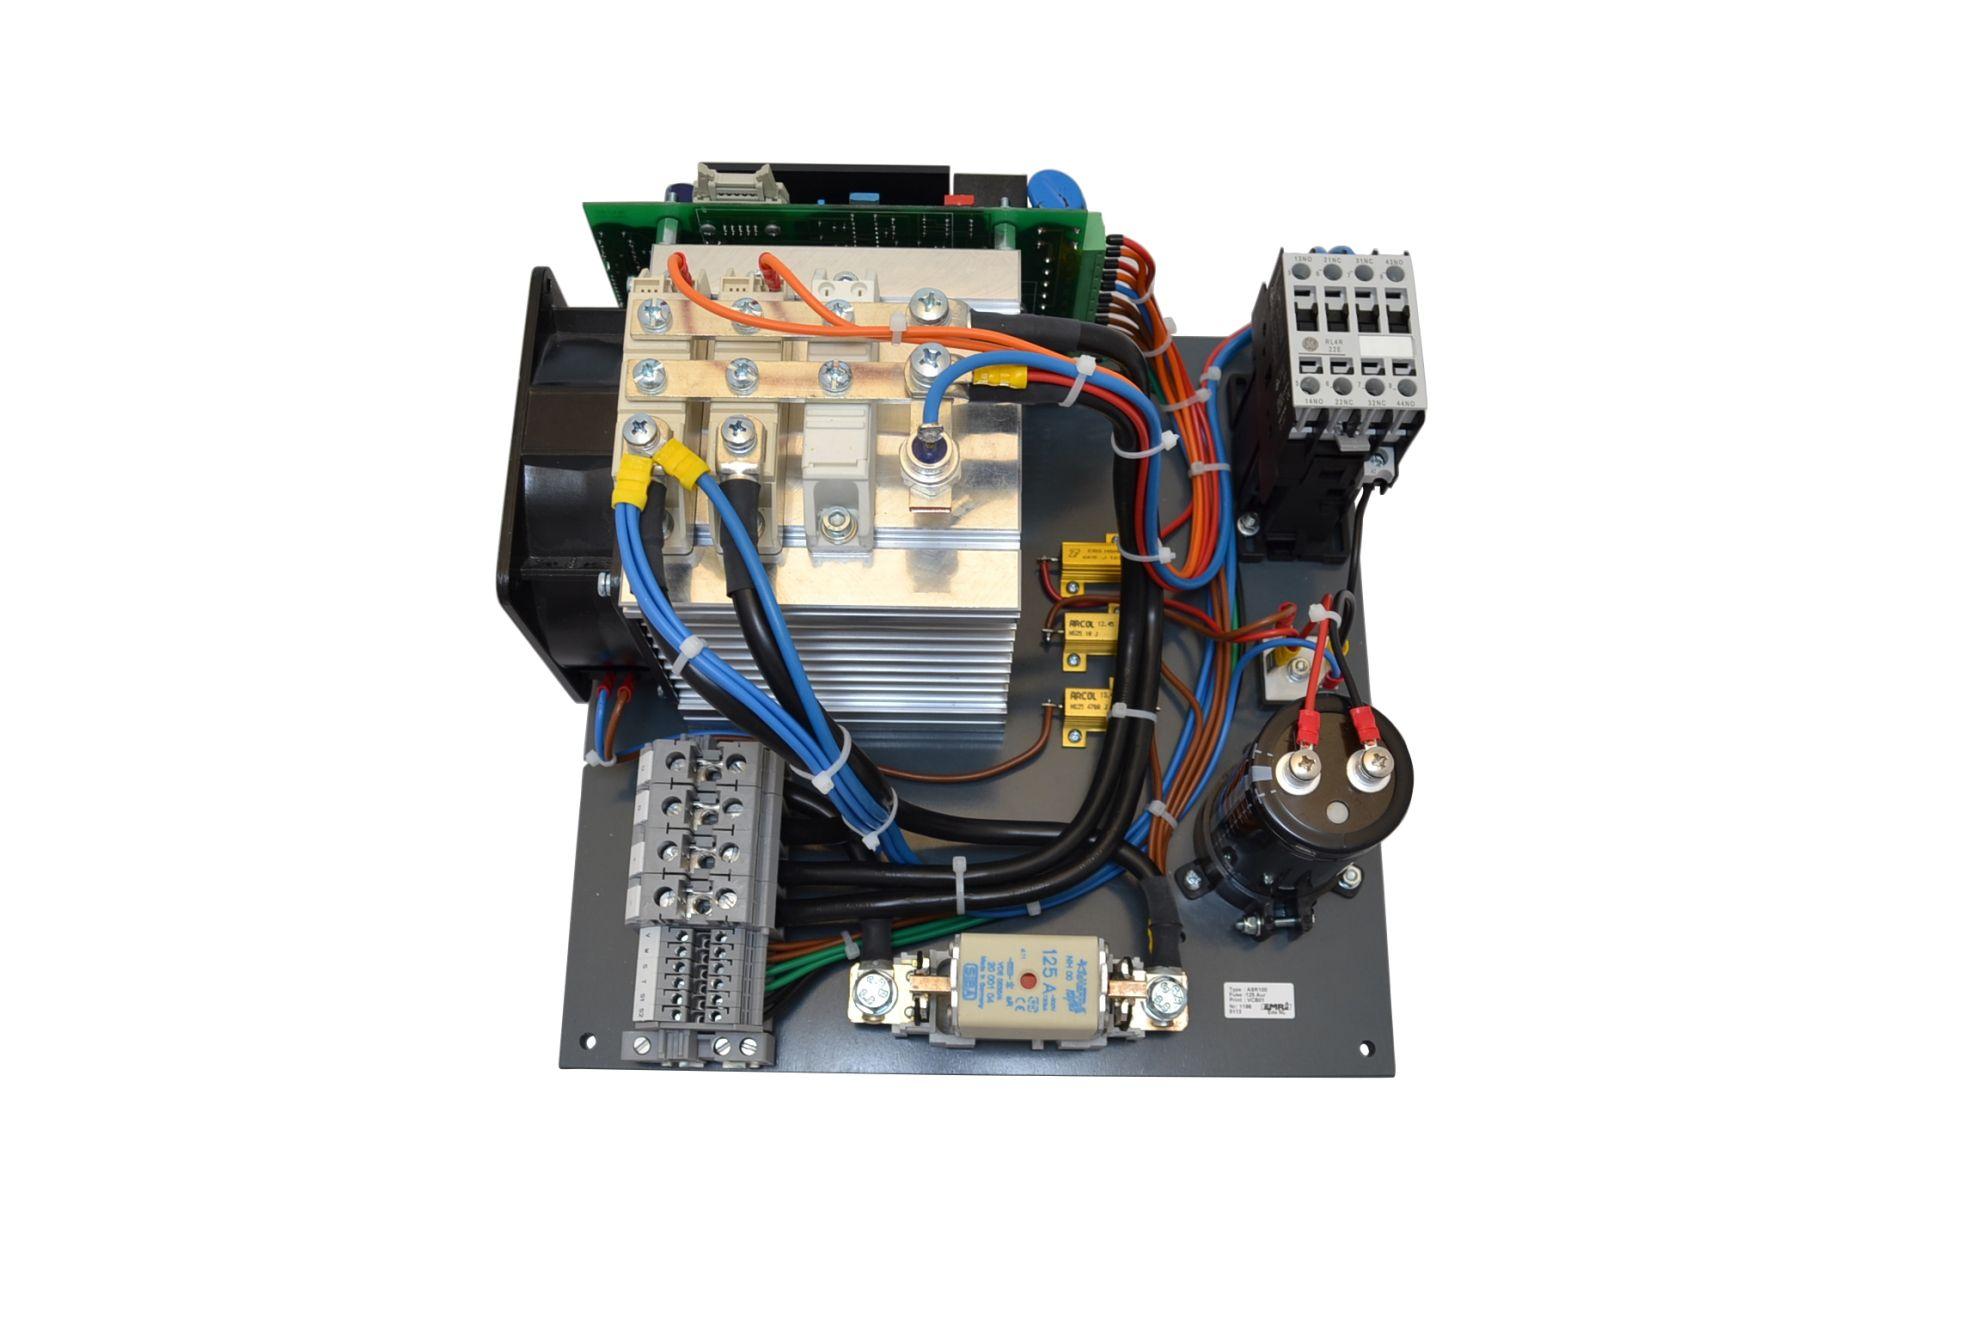 emri asr100 emri voltage regulators emri Electric Generators Manual Electric Generators Manual